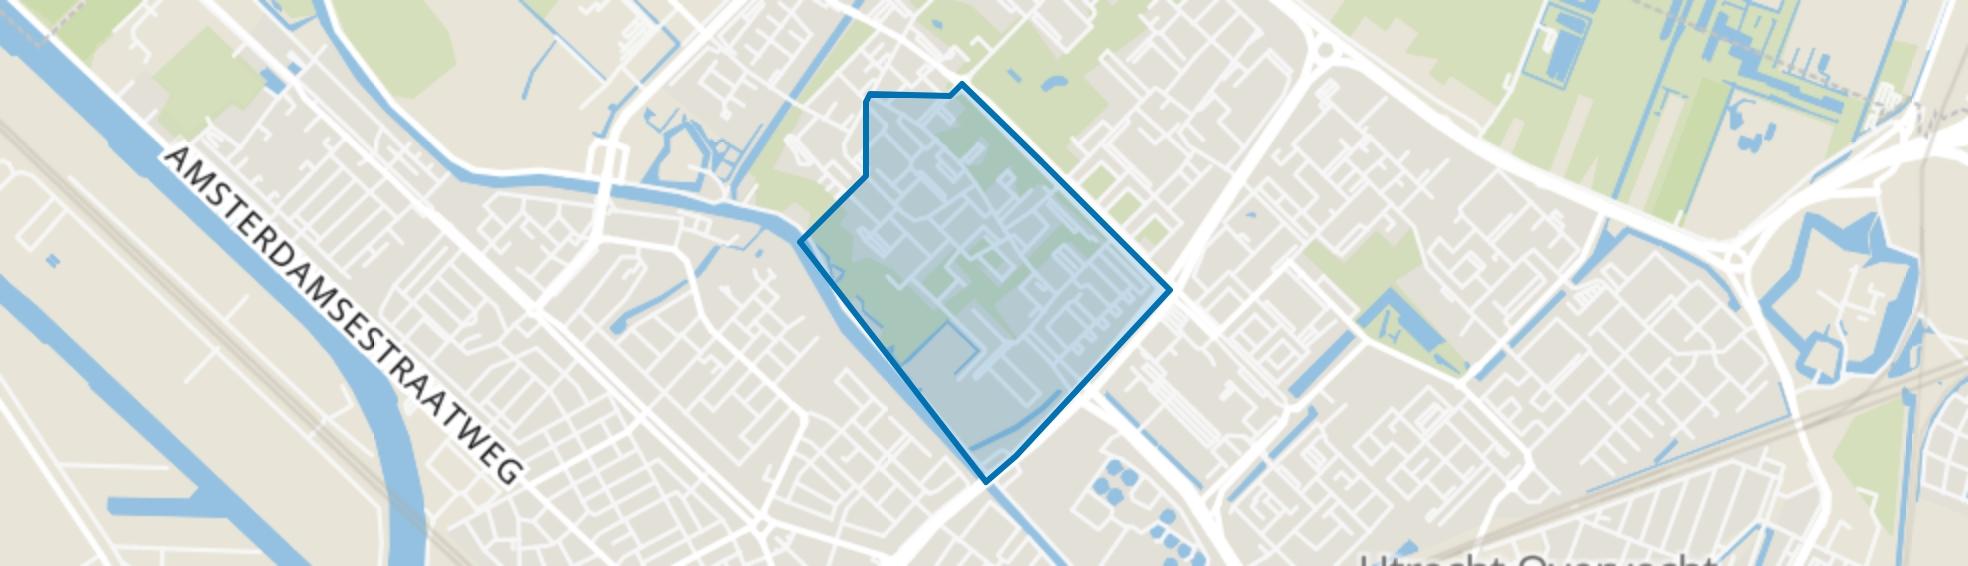 Vechtzoom-zuid, Utrecht map